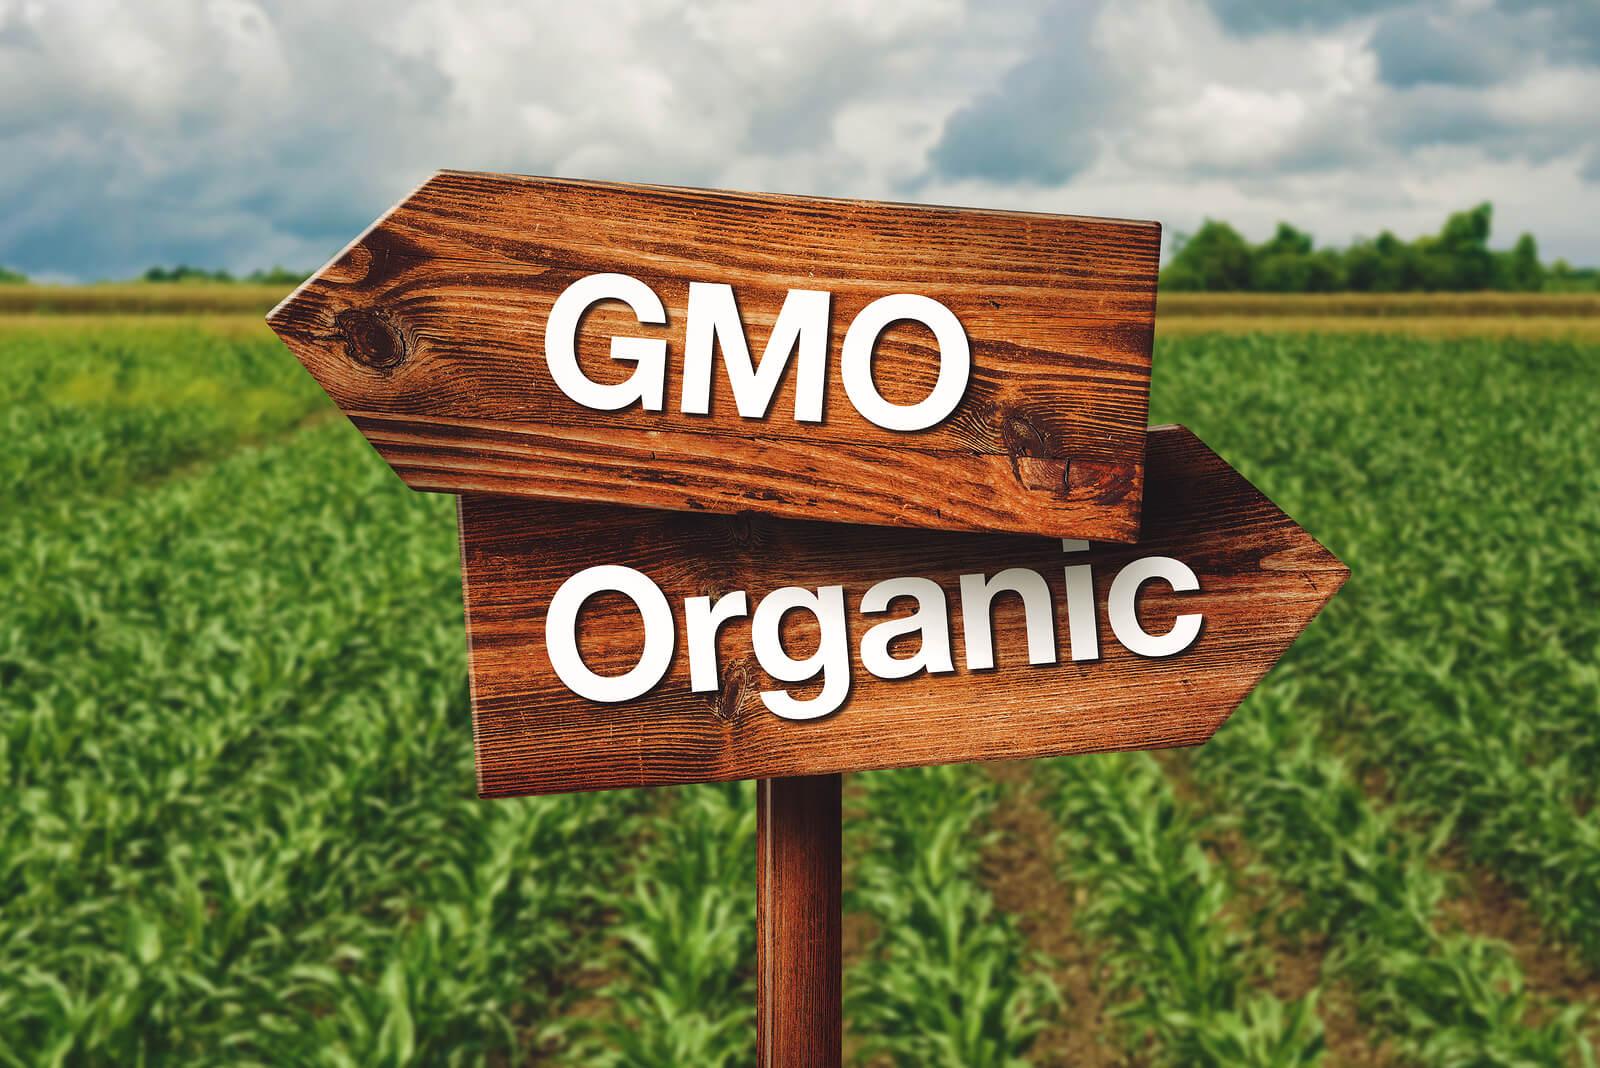 Organics v conventional v GMOs: Debate grows over farm